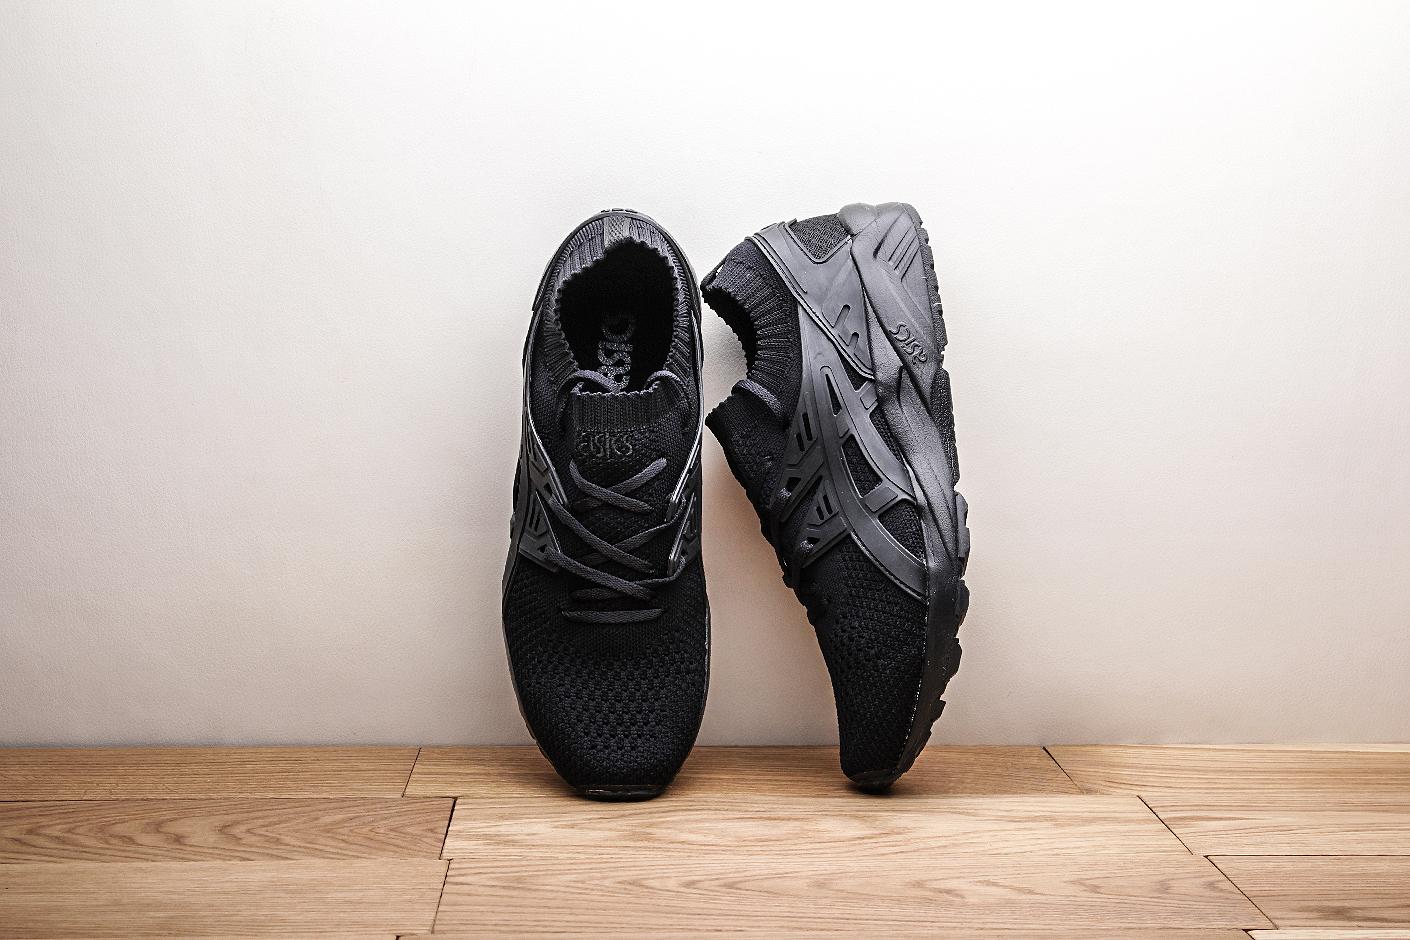 ee853270 Купить черные мужские кроссовки Gel-Kayano Trainer Knit от ASICS ...